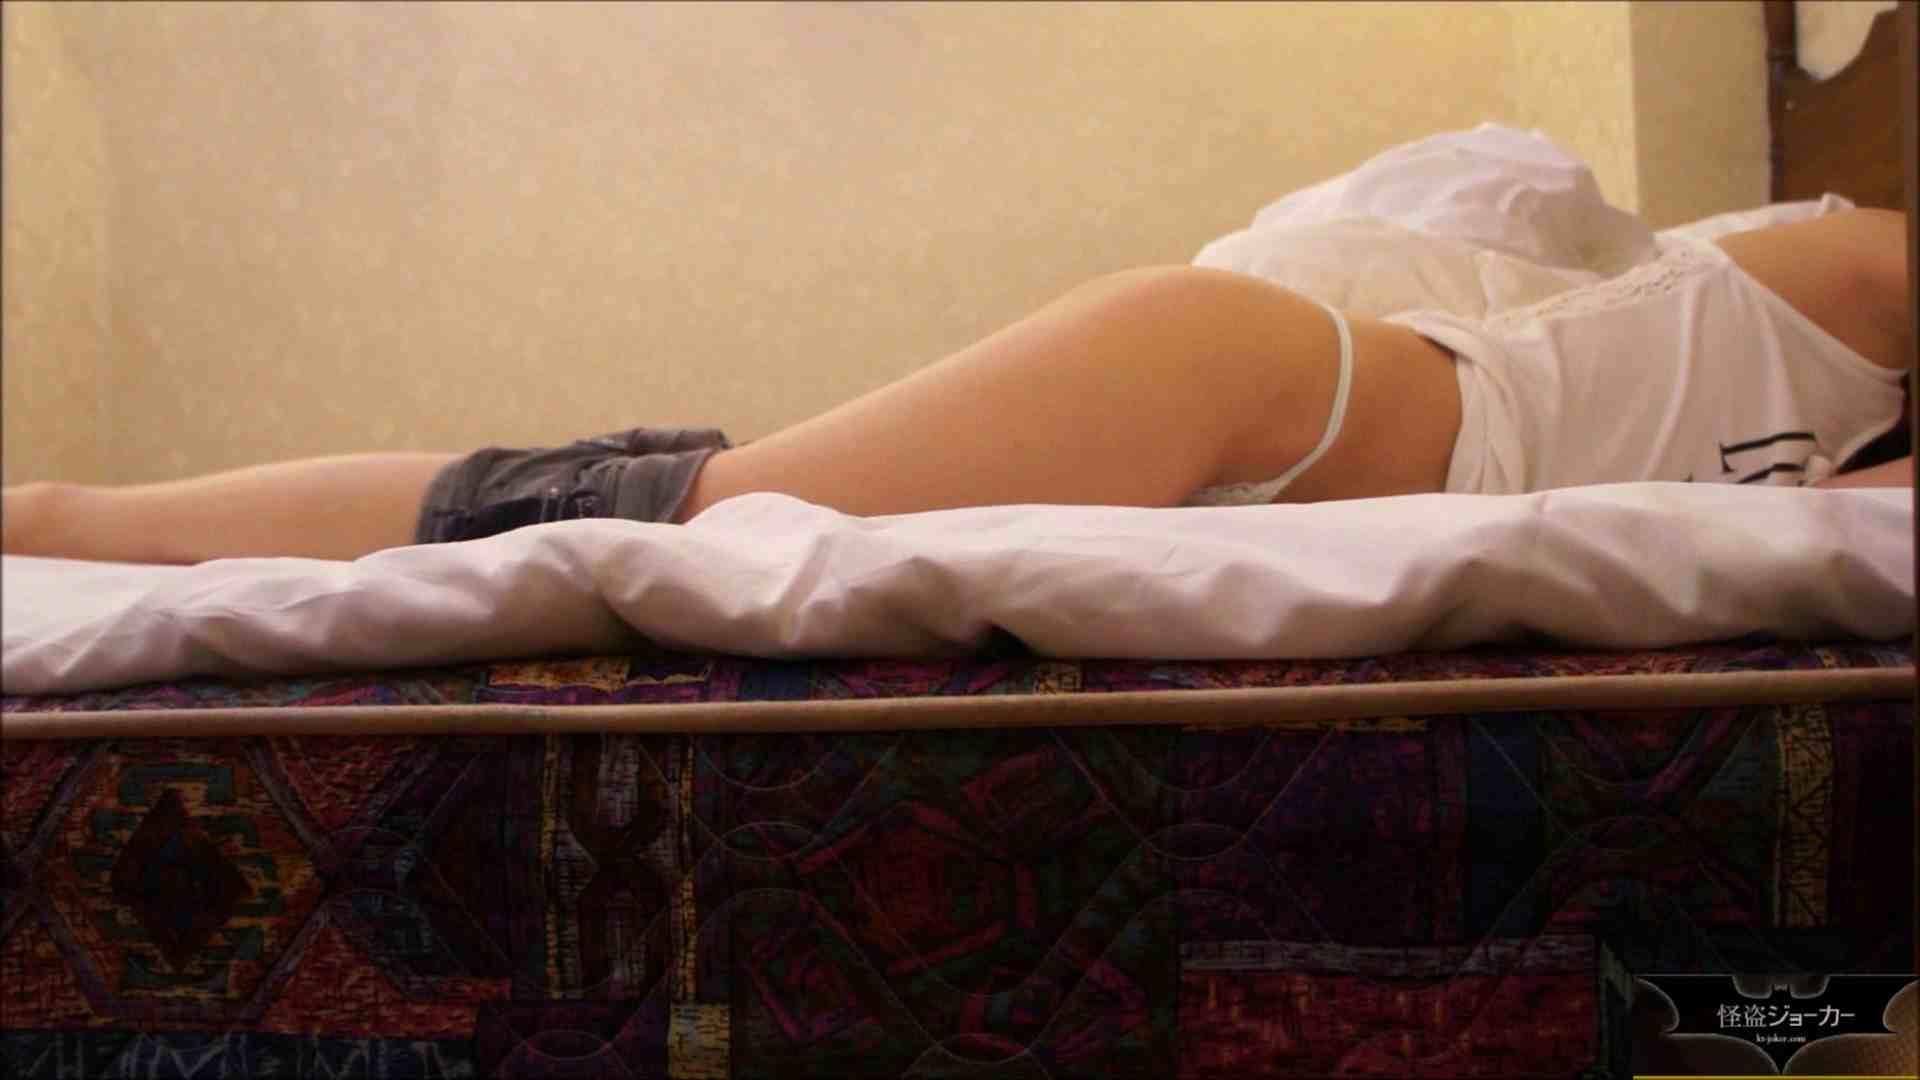 無修正ヌード|【未公開】vol.11 【美人若妻】早苗さん・・・誘われた夜。|怪盗ジョーカー